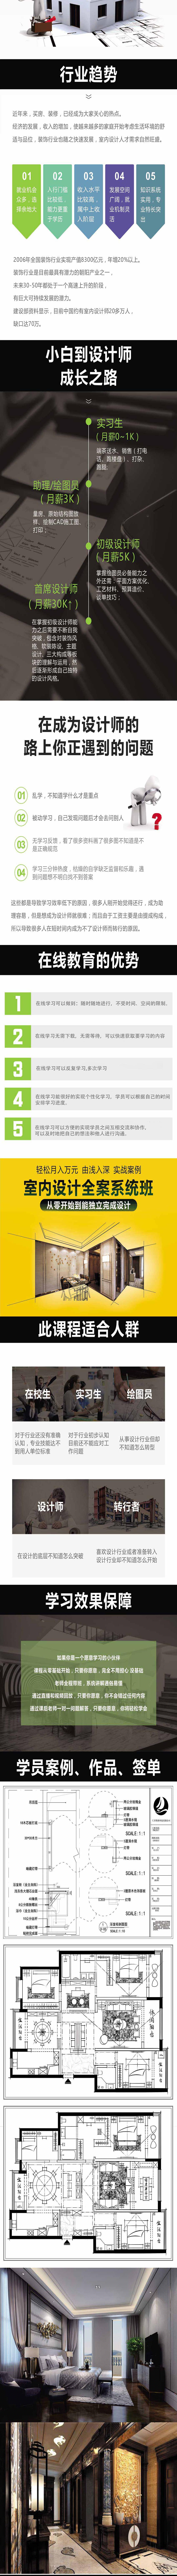 室内装饰软装风格搭配教程